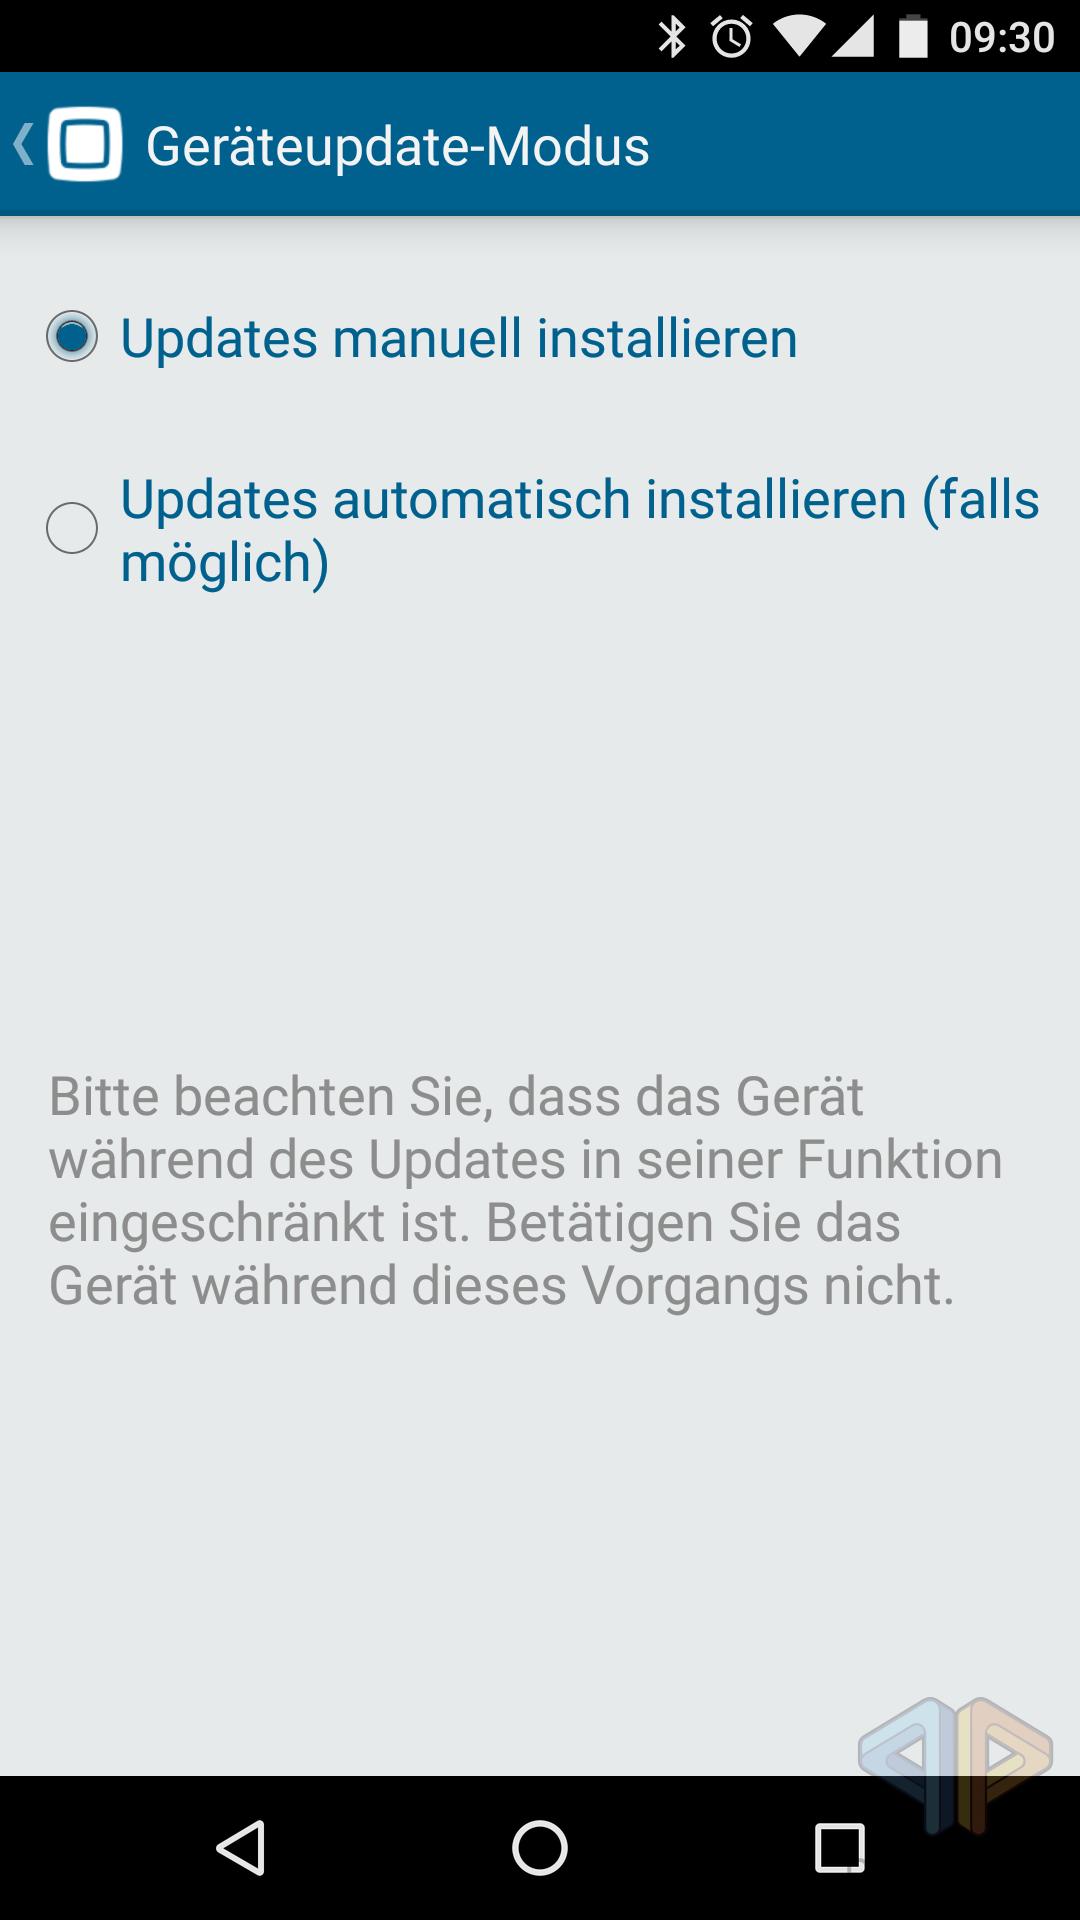 Ziemlich Laden Sie Einen Lebenslauf In Die Allgemeine App Hoch Fotos ...